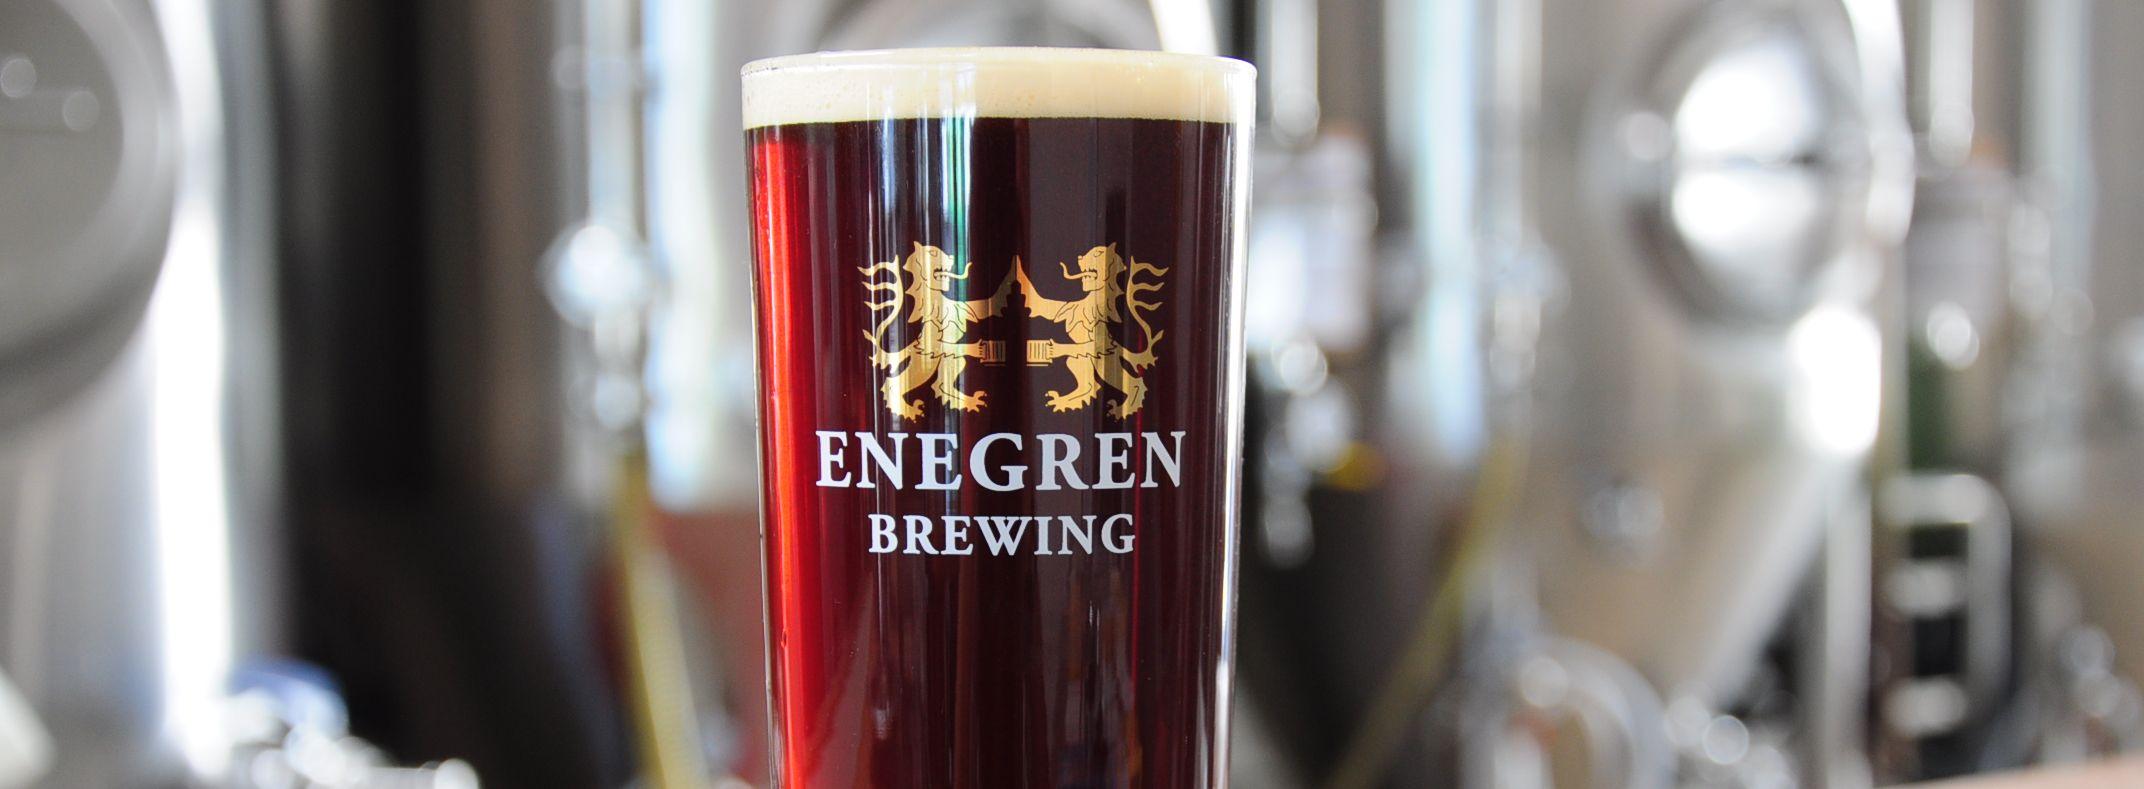 Enegren brewing blog for Craft brew beer tasting glasses